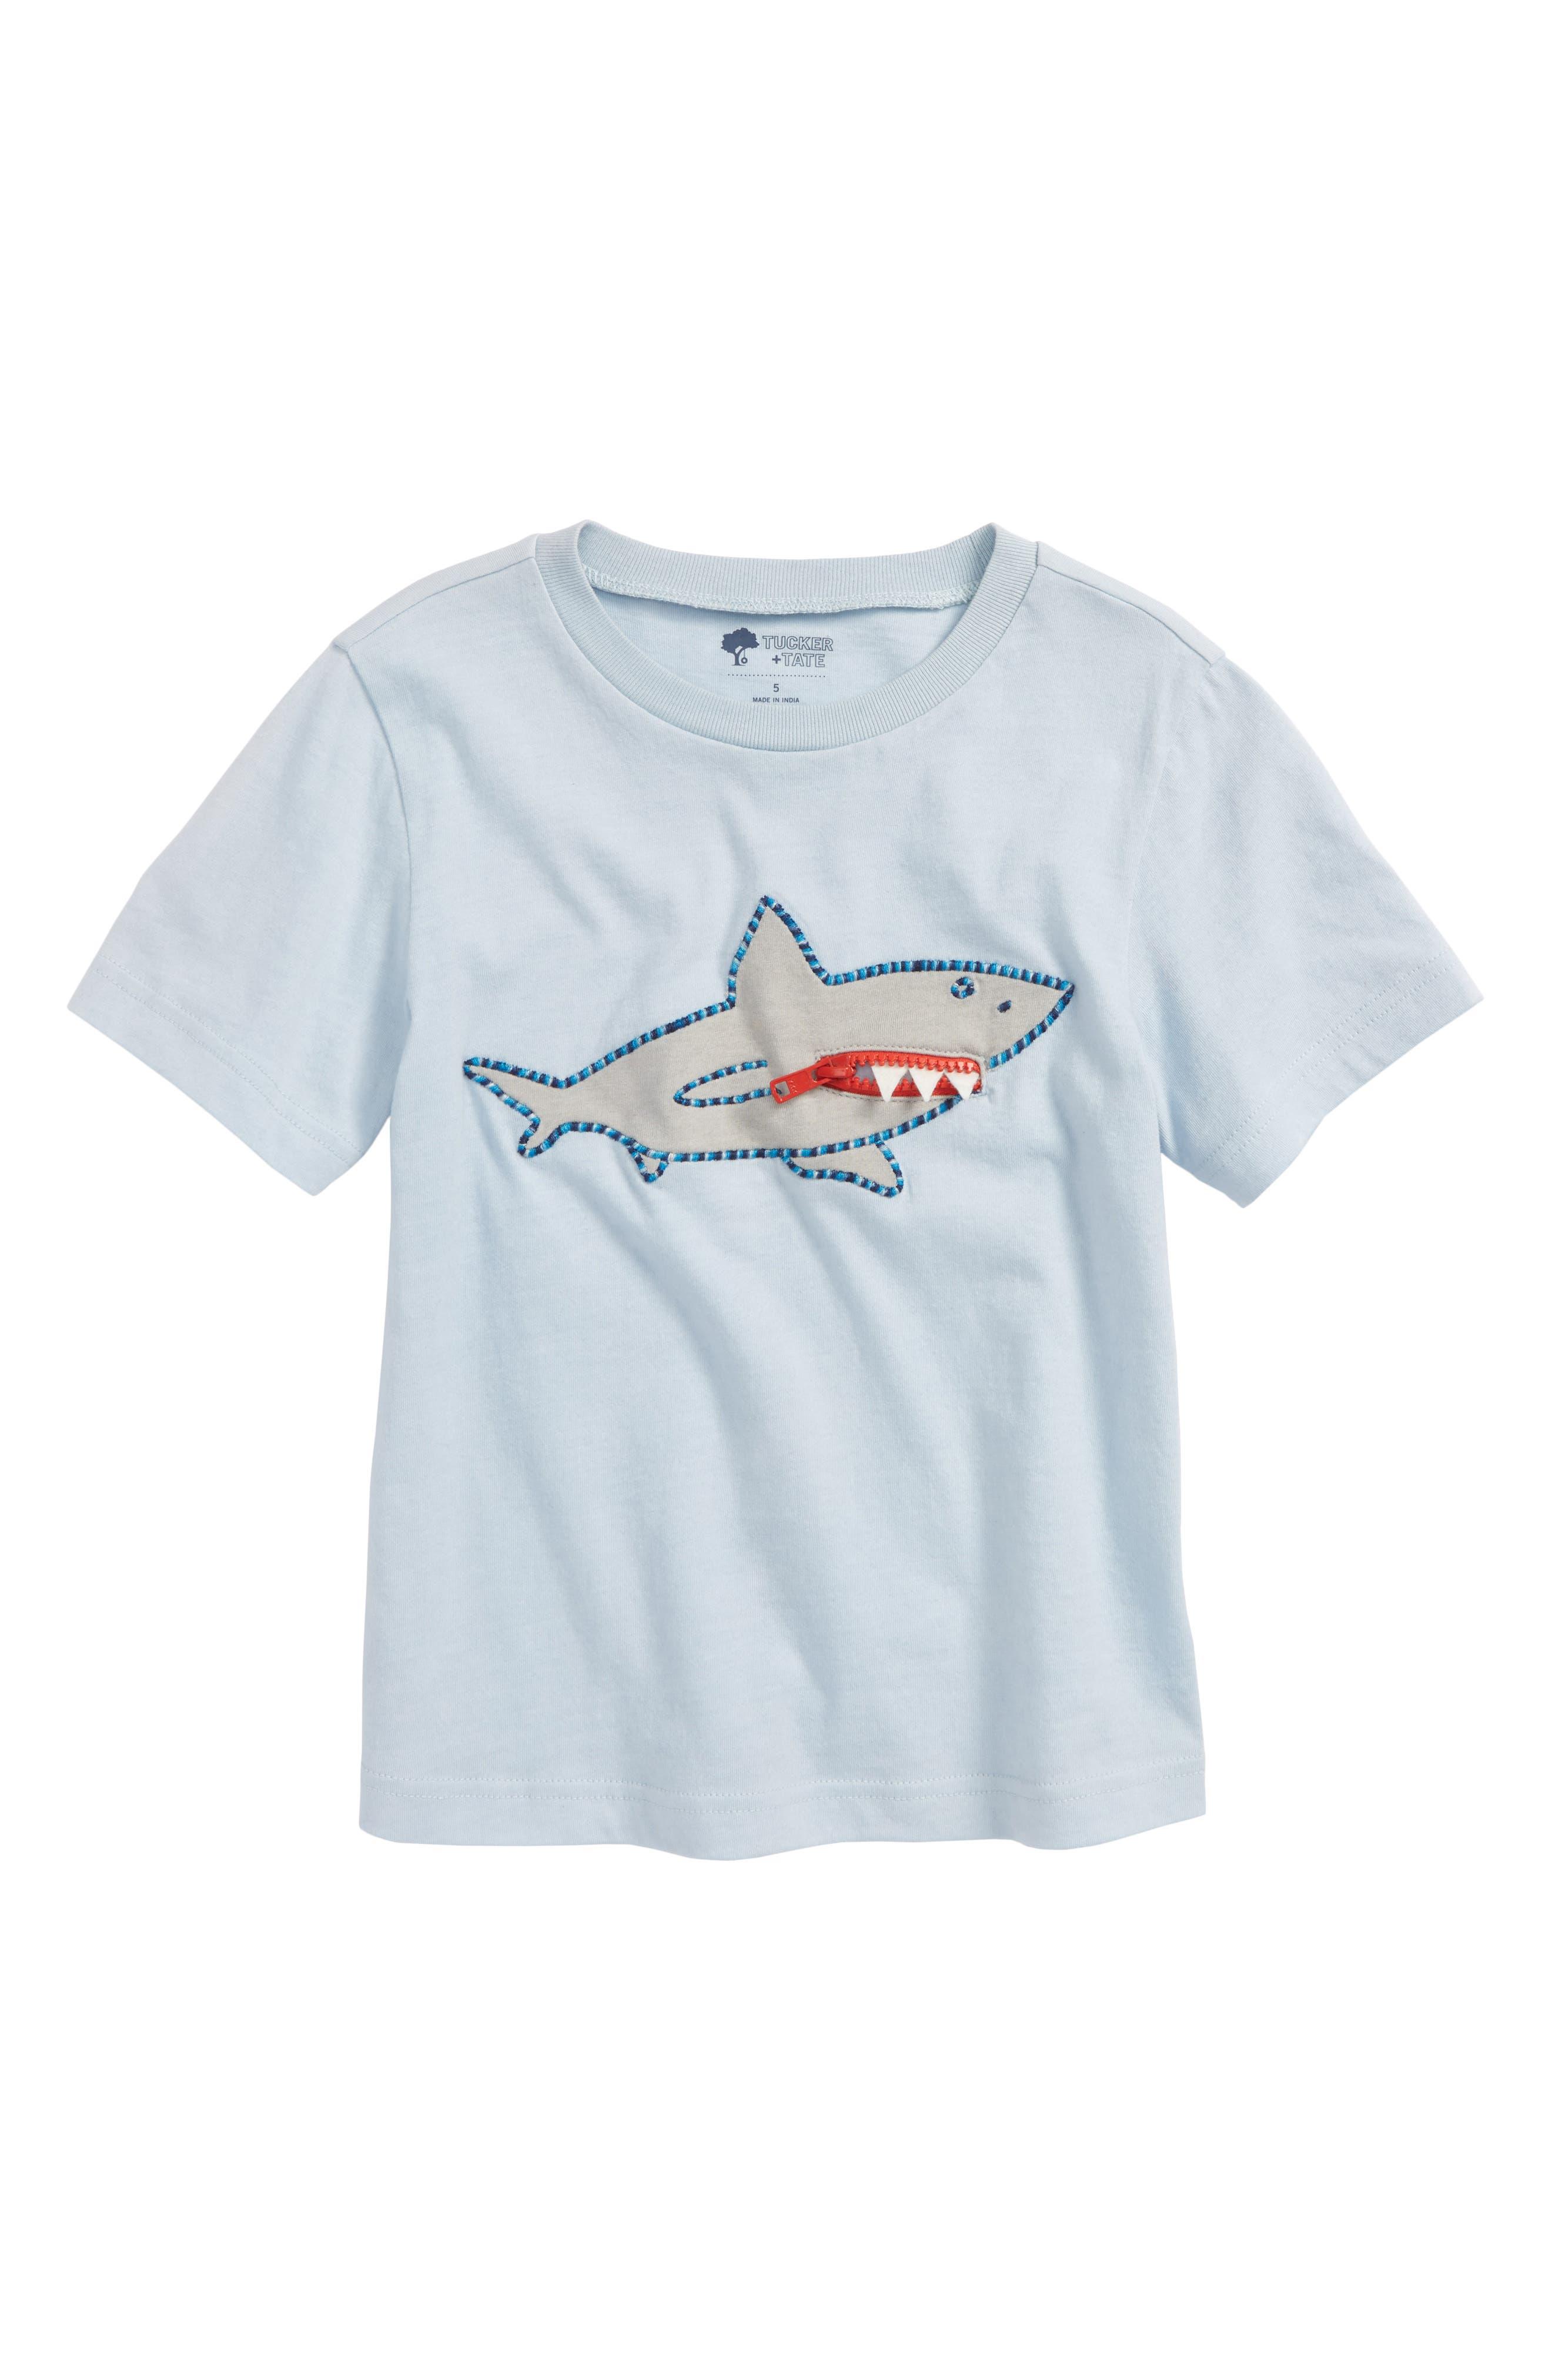 3D Graphic T-Shirt,                             Main thumbnail 1, color,                             420